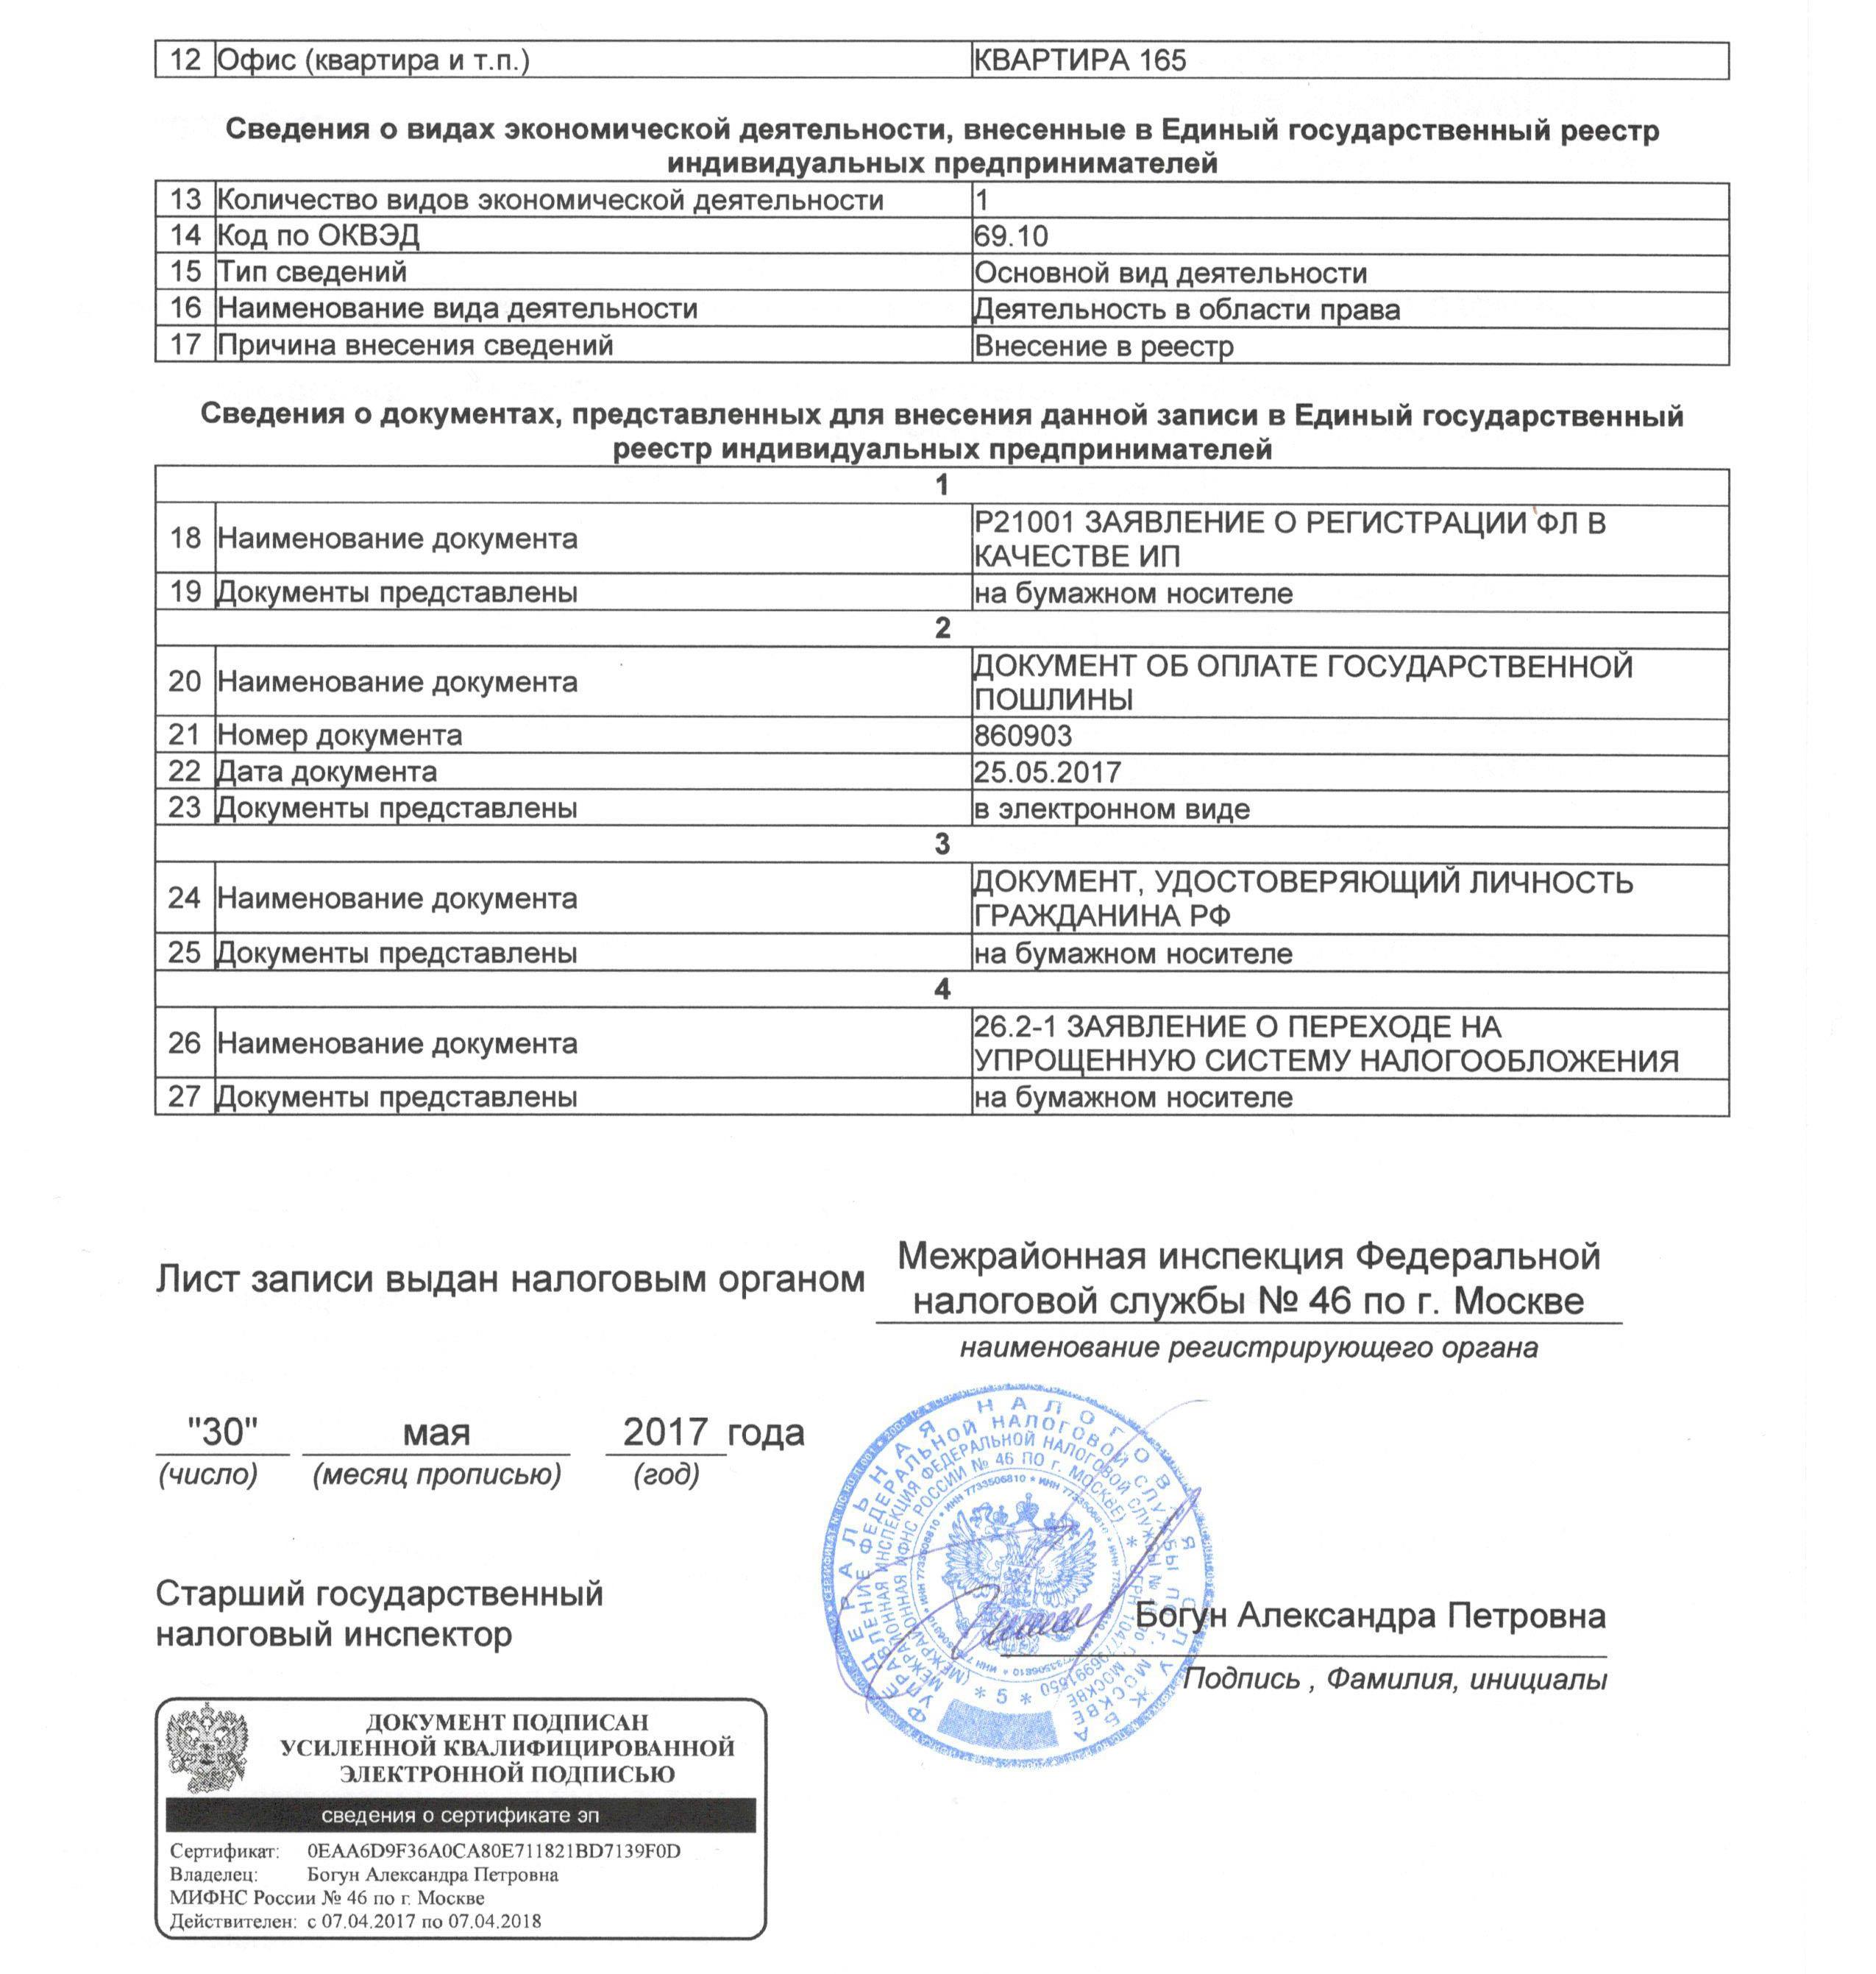 Второй лист записи ЕГРИП, подтверждающий регистрацию юридического лица в налоговой инспекции